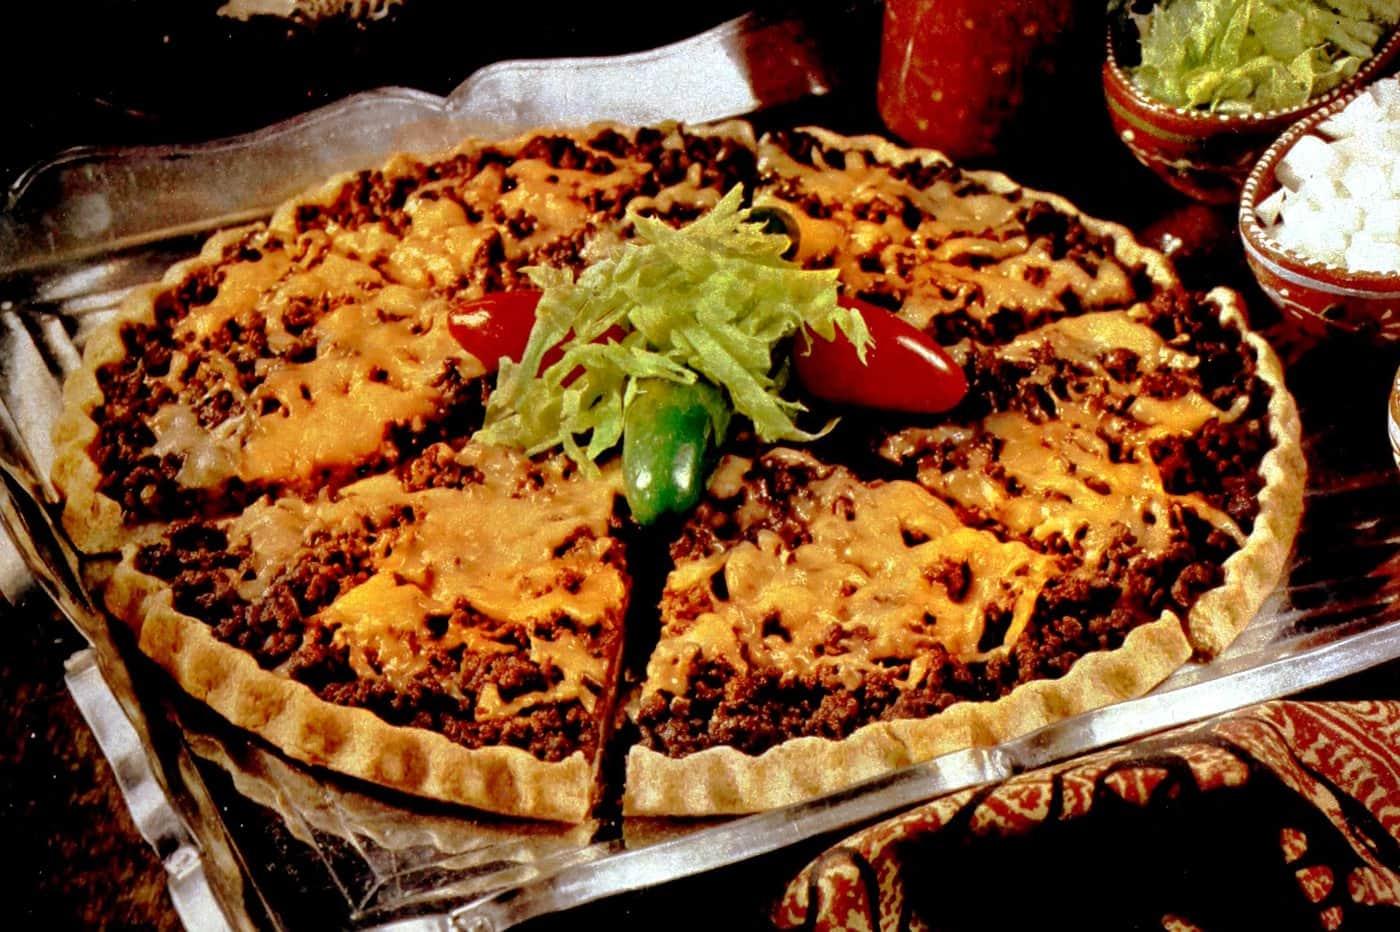 Tostado pizza retro 70s dinner recipe (2)